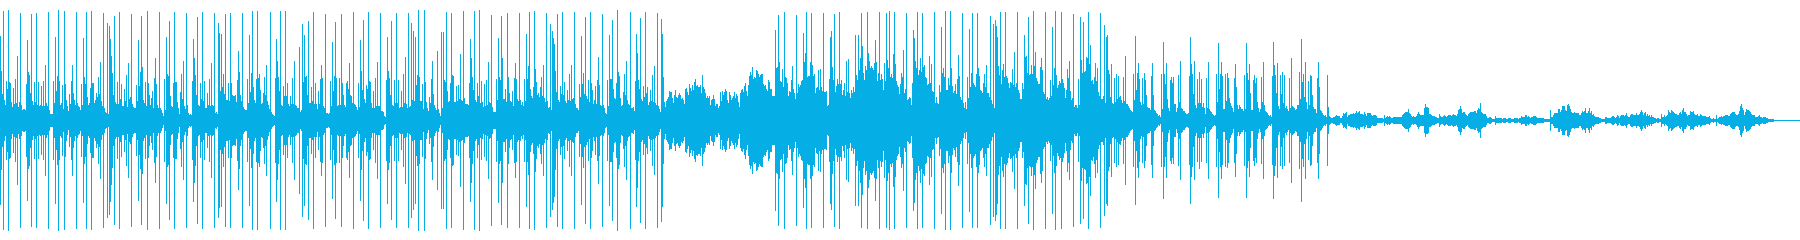 ミニマル系ディープビートとシンセサウンドの再生済みの波形